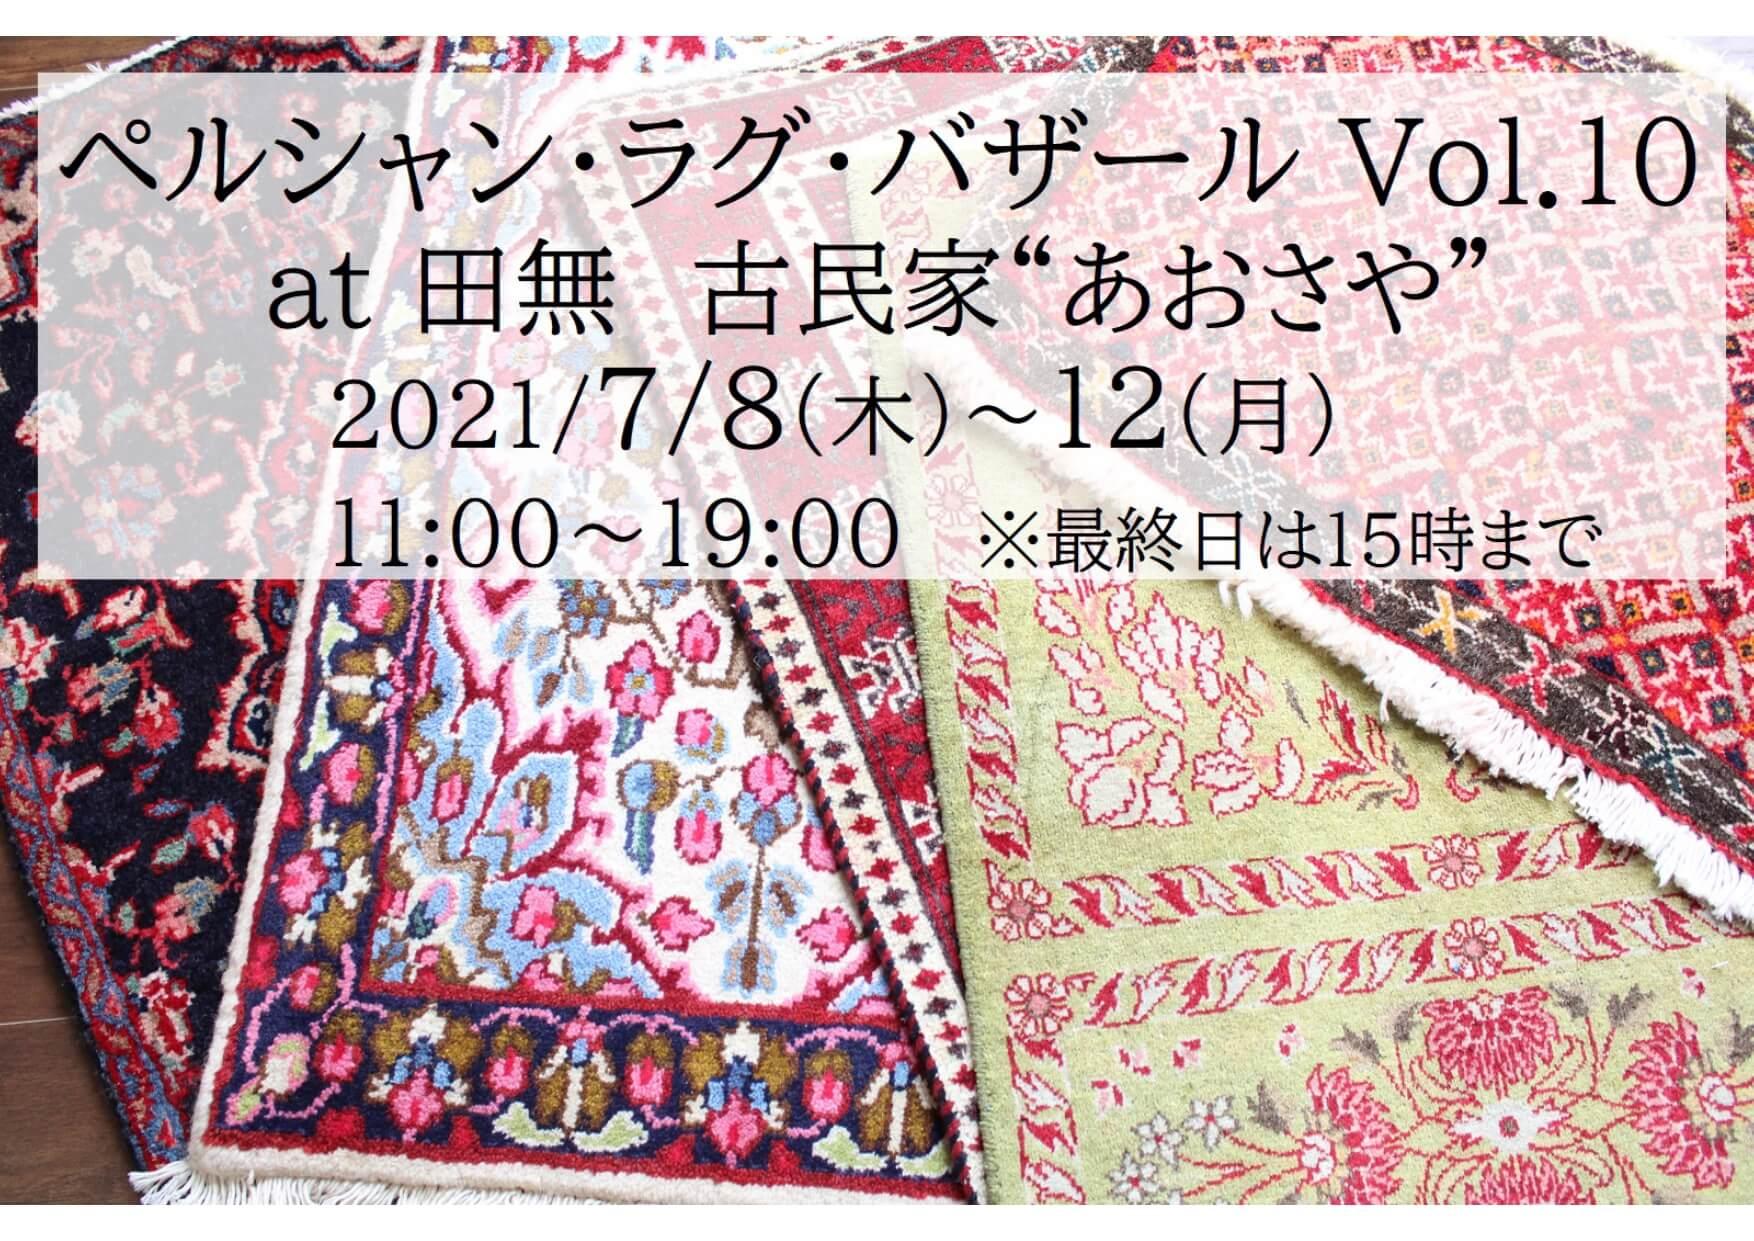 ペルシャン・ラグ・バザール Vol.10